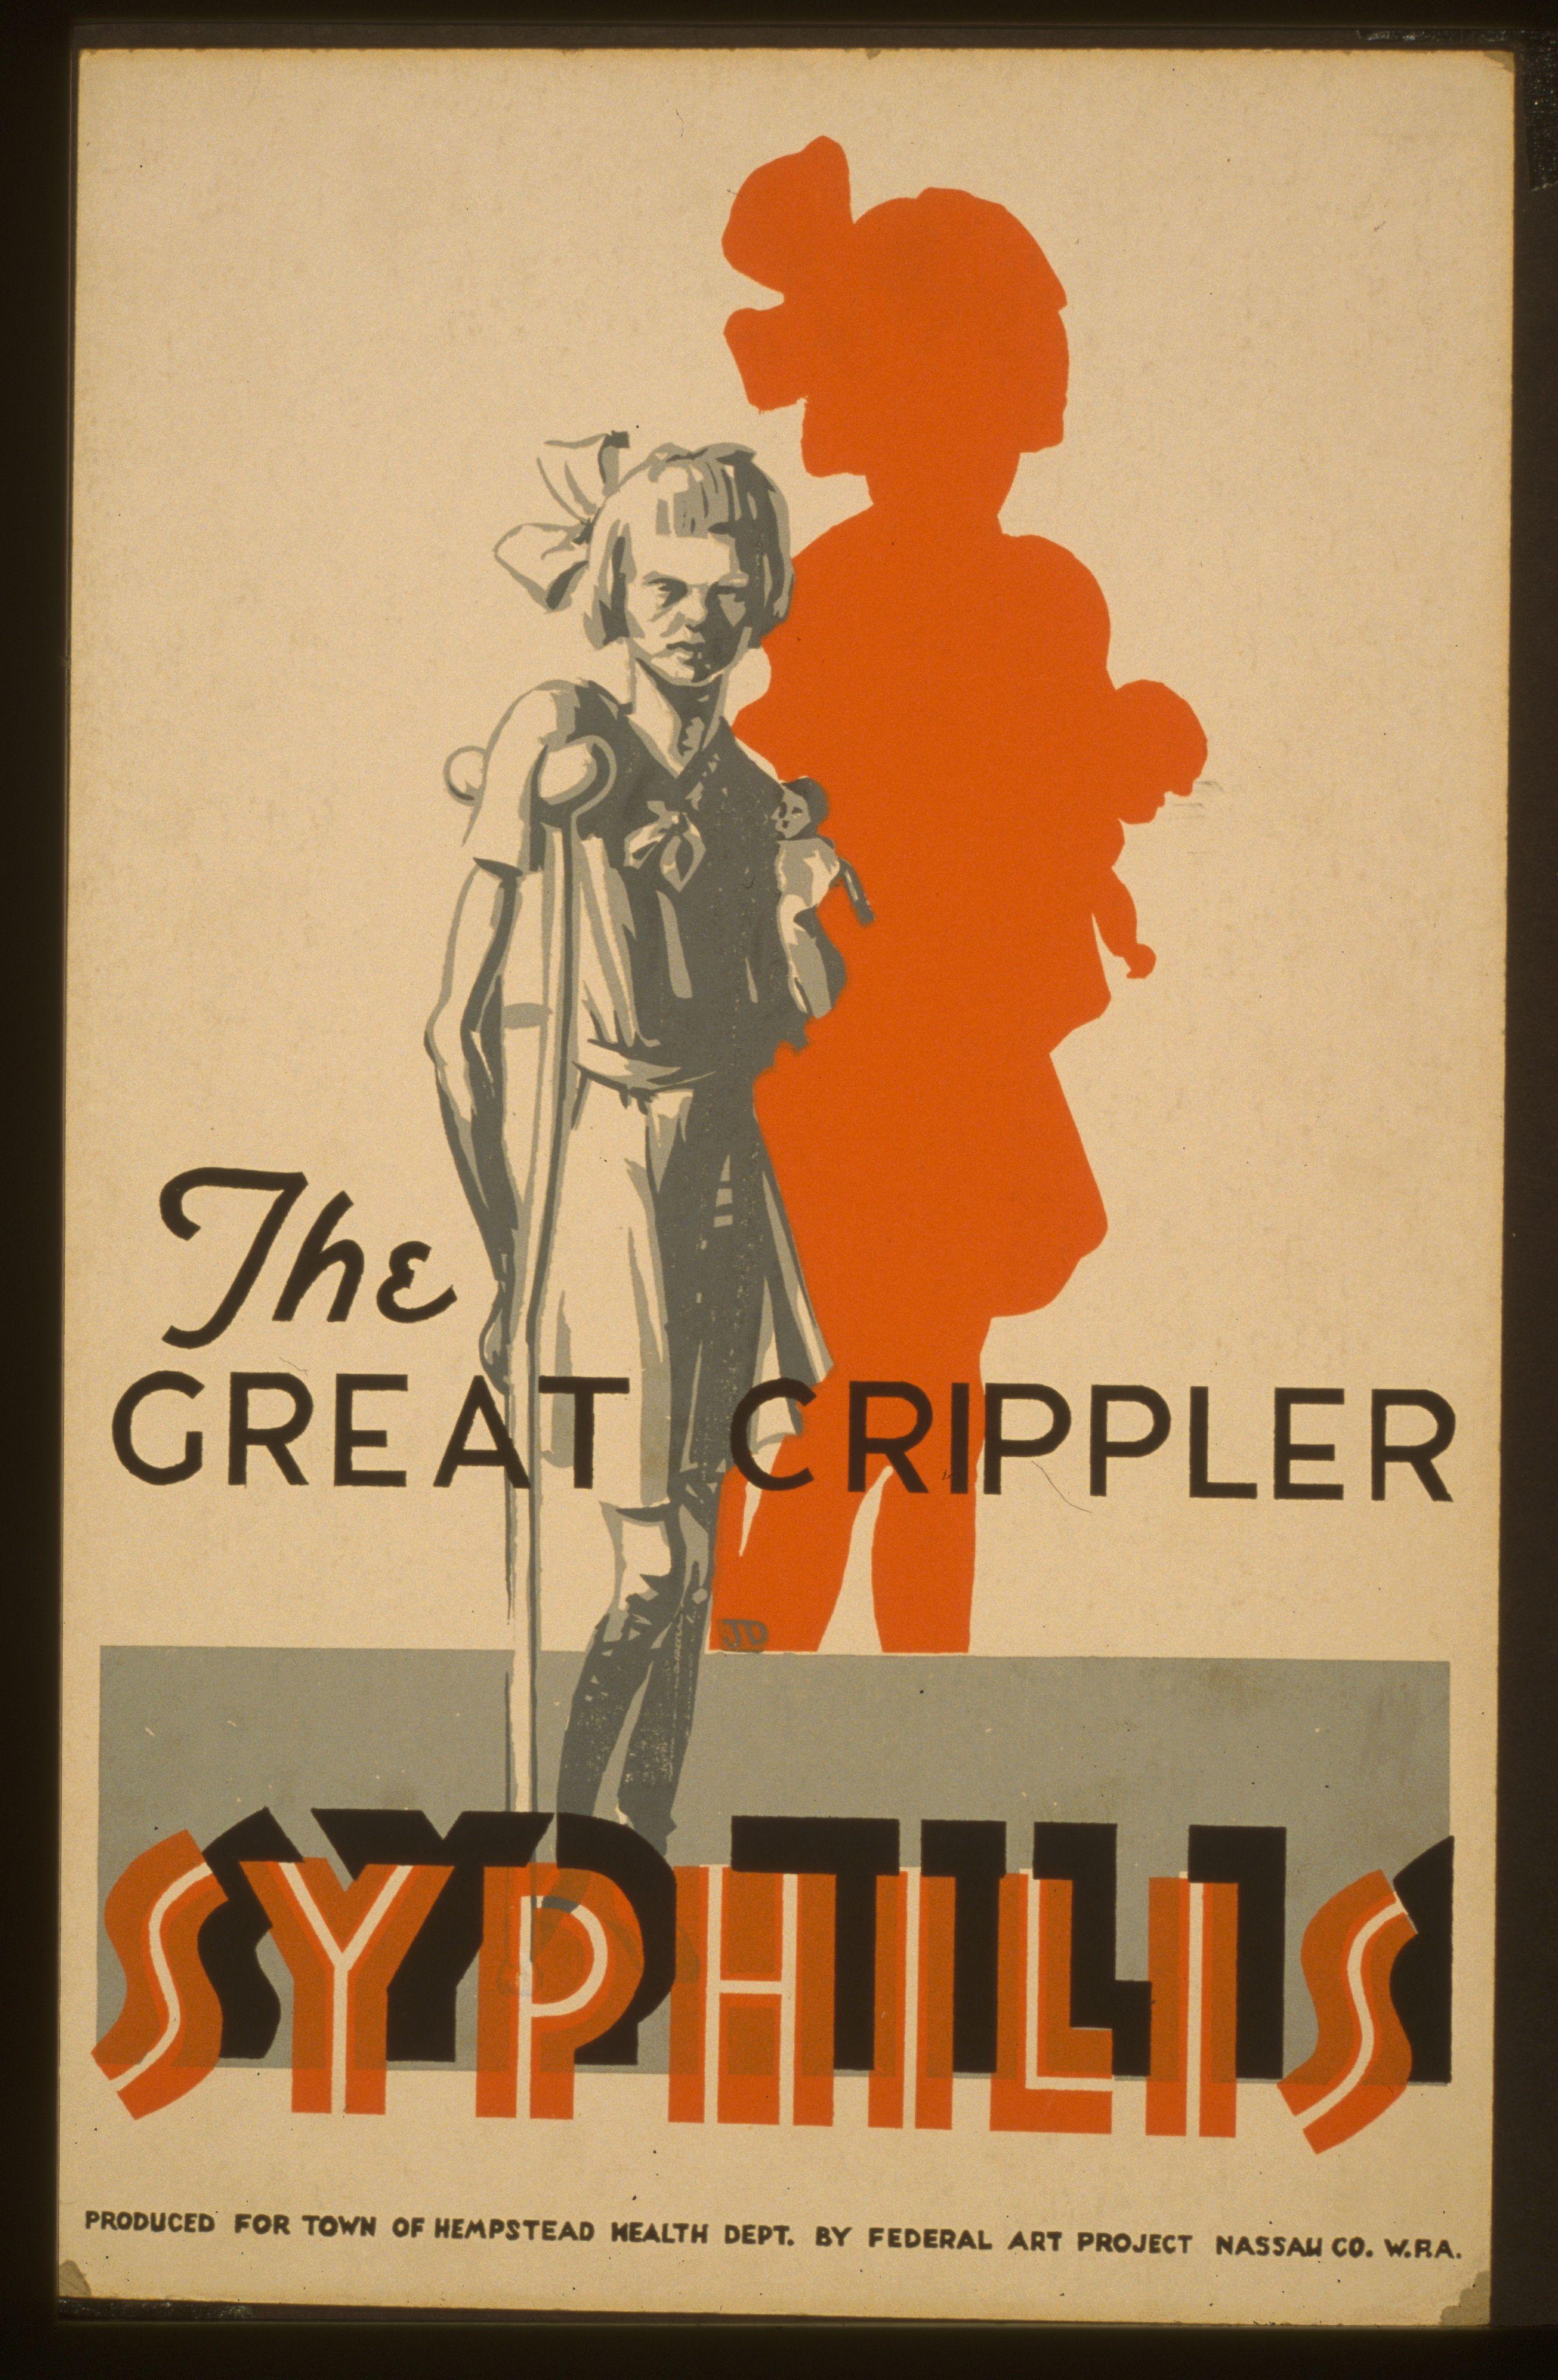 Rządy w okresie międzywojennym wszelkimi sposobami ostrzegały przed skutkami syfilisu, zachęcając do podjęcia jak najszybszego leczenia. Powyższy plakat przygotowano na zlecenie Wydziału Zdrowia w Hempstead (źródło: domena publiczna).